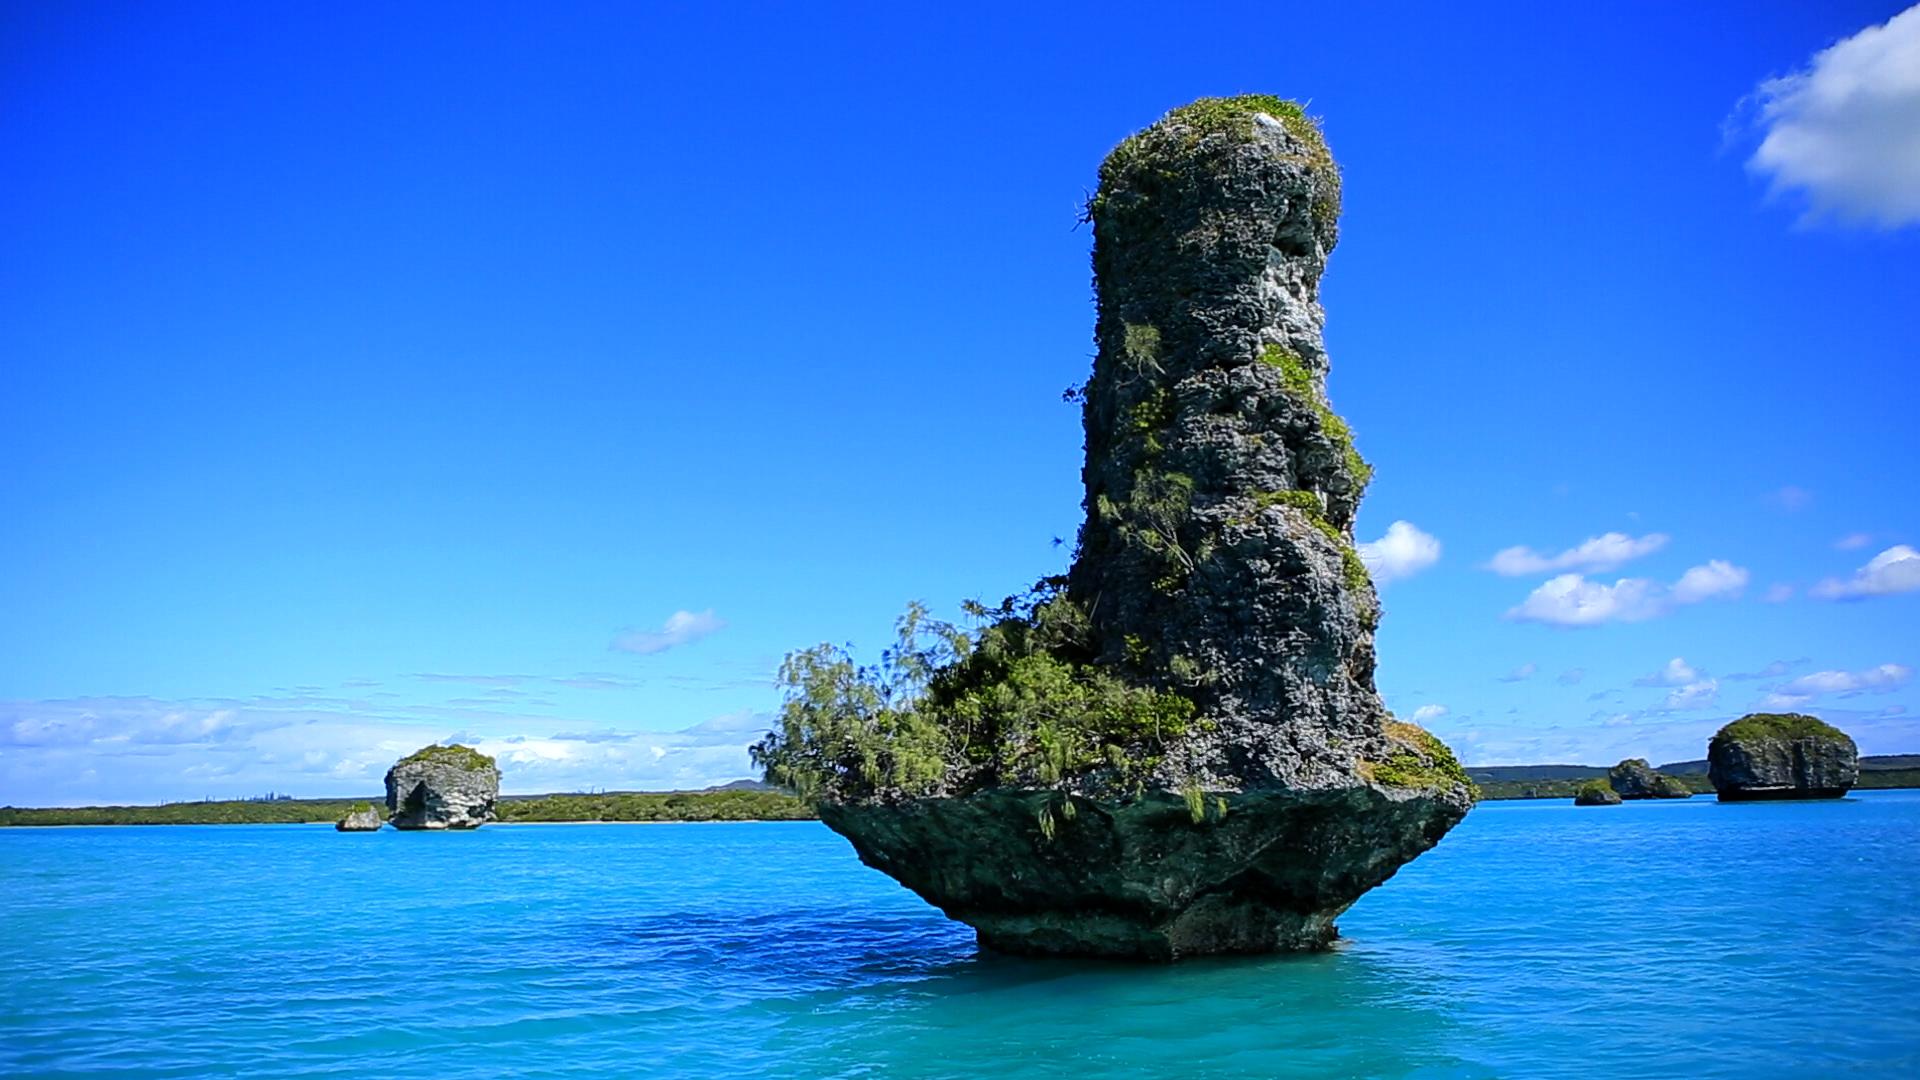 세계테마기행 - 남태평양의 푸른 낙원,뉴칼레도니아 3부 세상의 모든 파랑,일데뺑